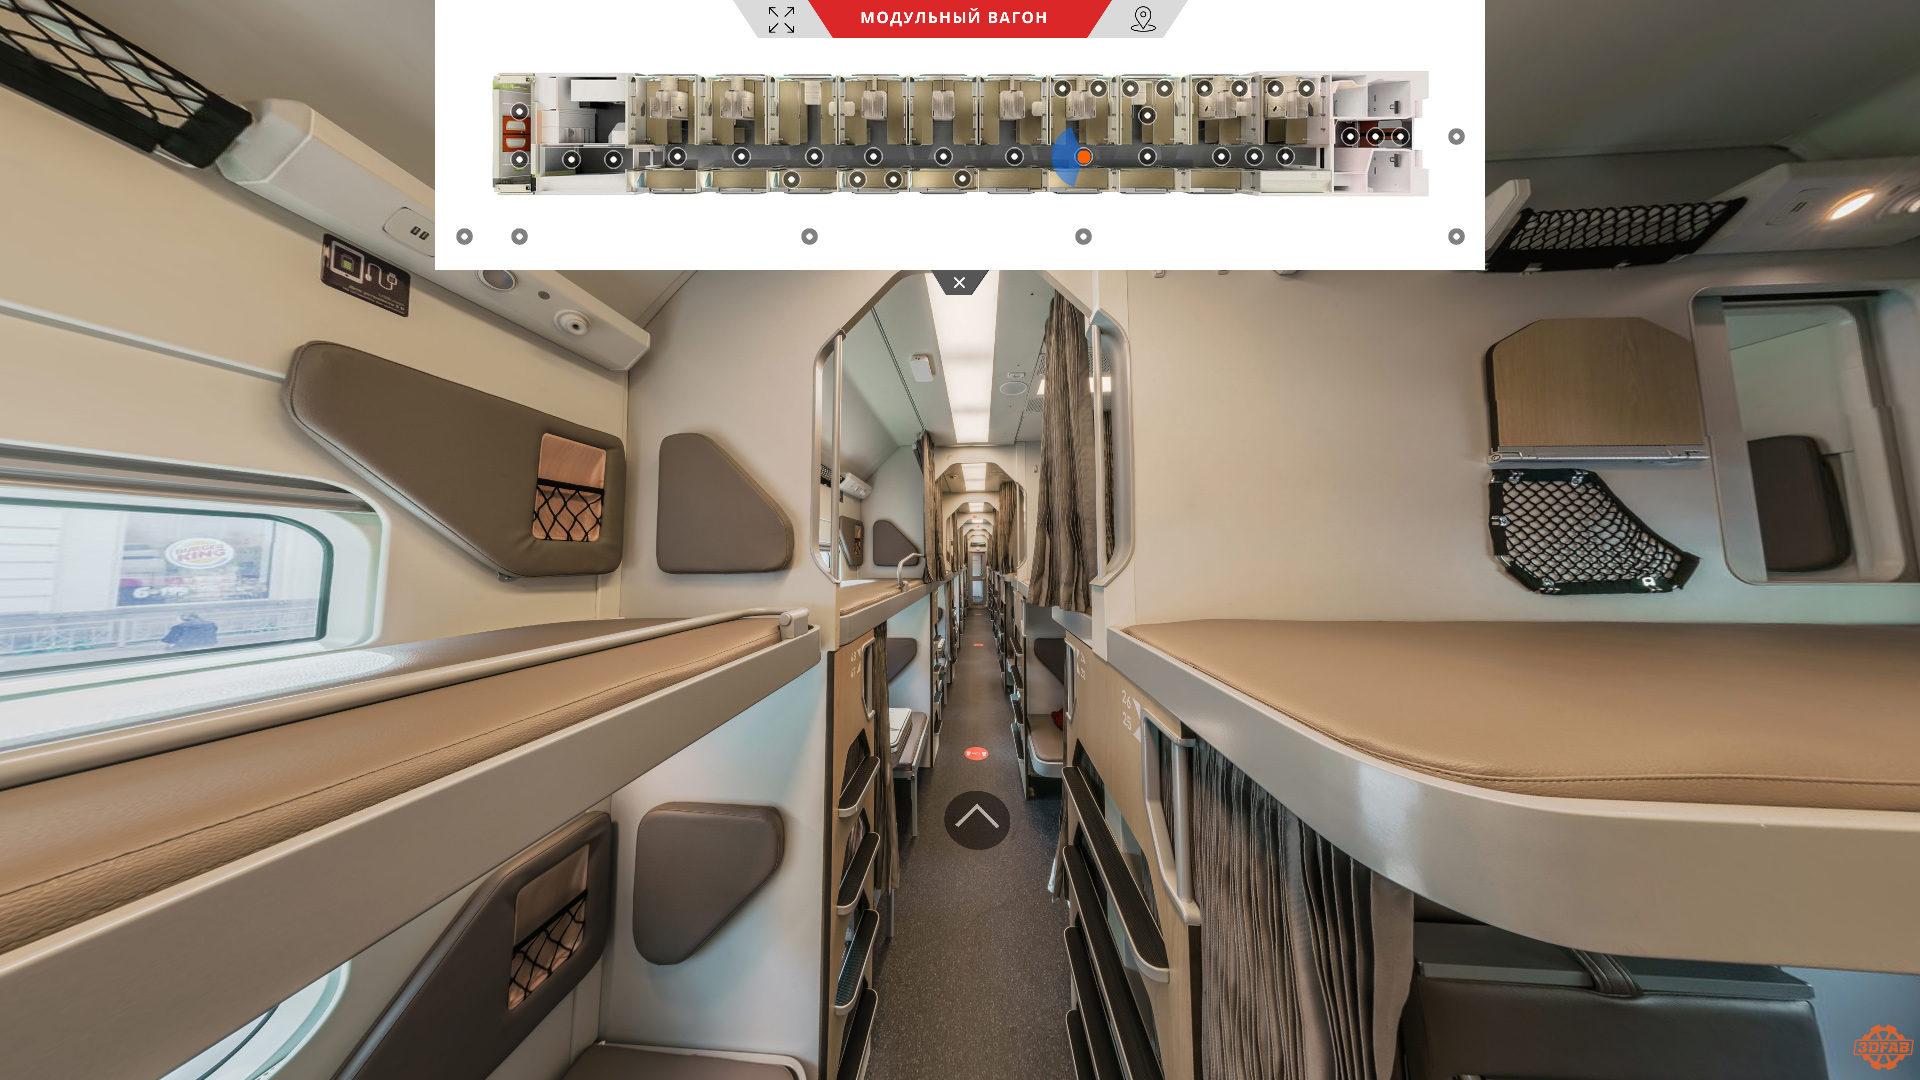 modular title 02 1920x1080 Виртуальная экскурсия по модульному вагону в габарите Т